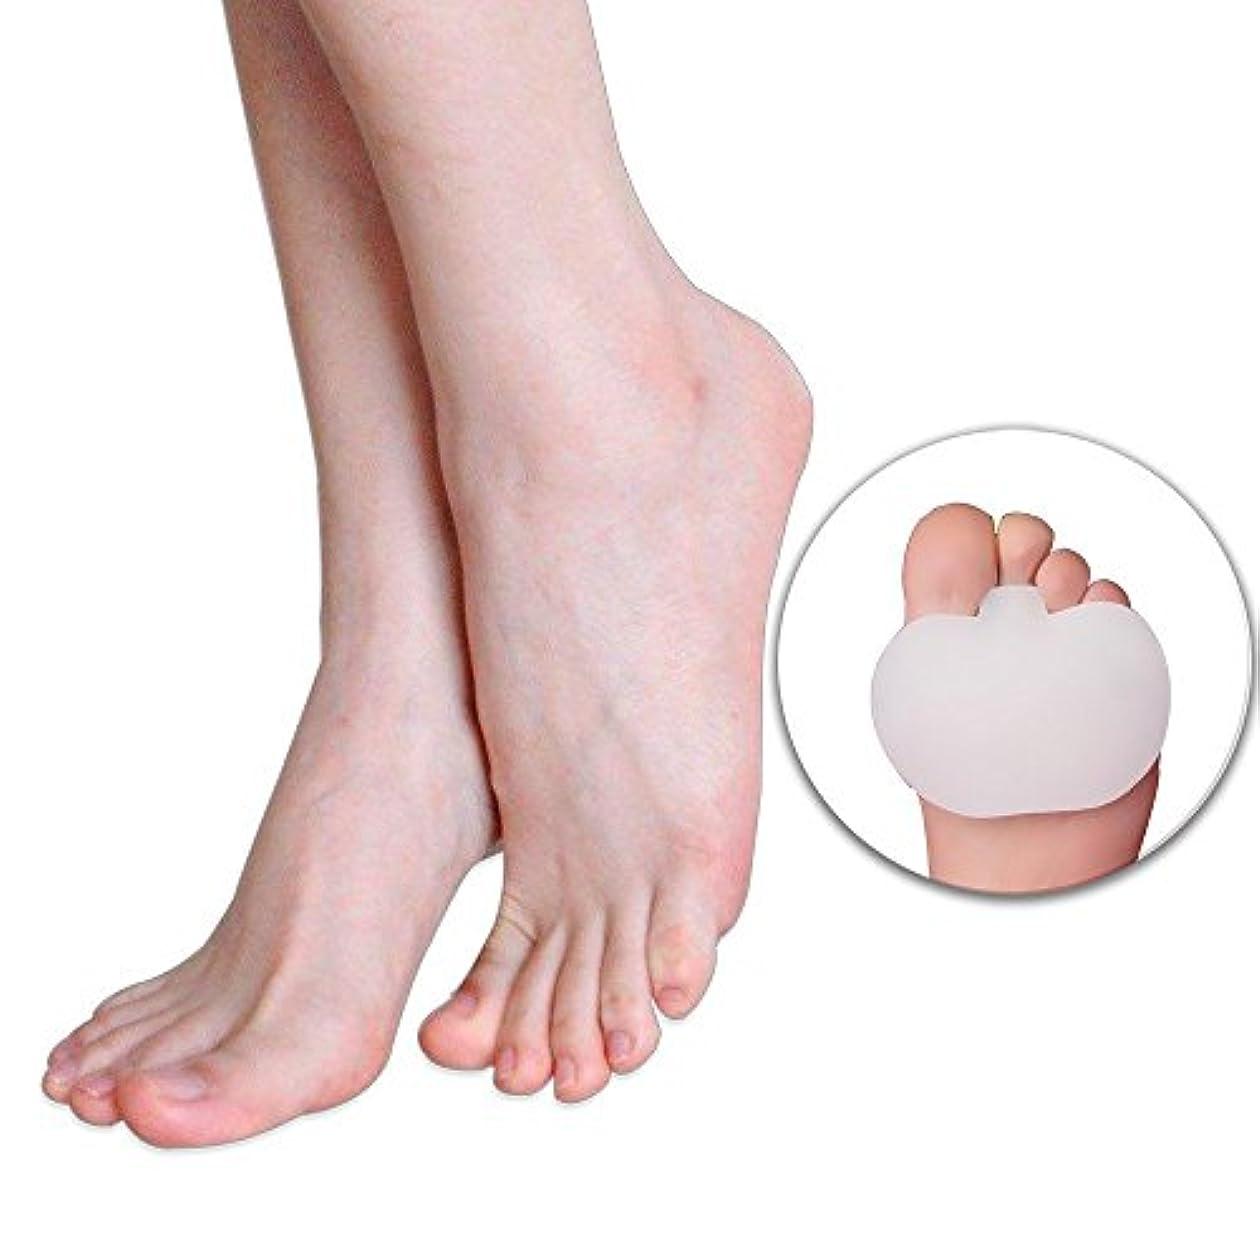 おもちゃ用心軽蔑フットマッサージ 前足パット足のケア、ゲルソックス、つま先、シリコン、外反母趾矯正、ゲル中足骨パッド、足クッションのボール、前足のケア、痛みの足の痛み、外反、外反母趾